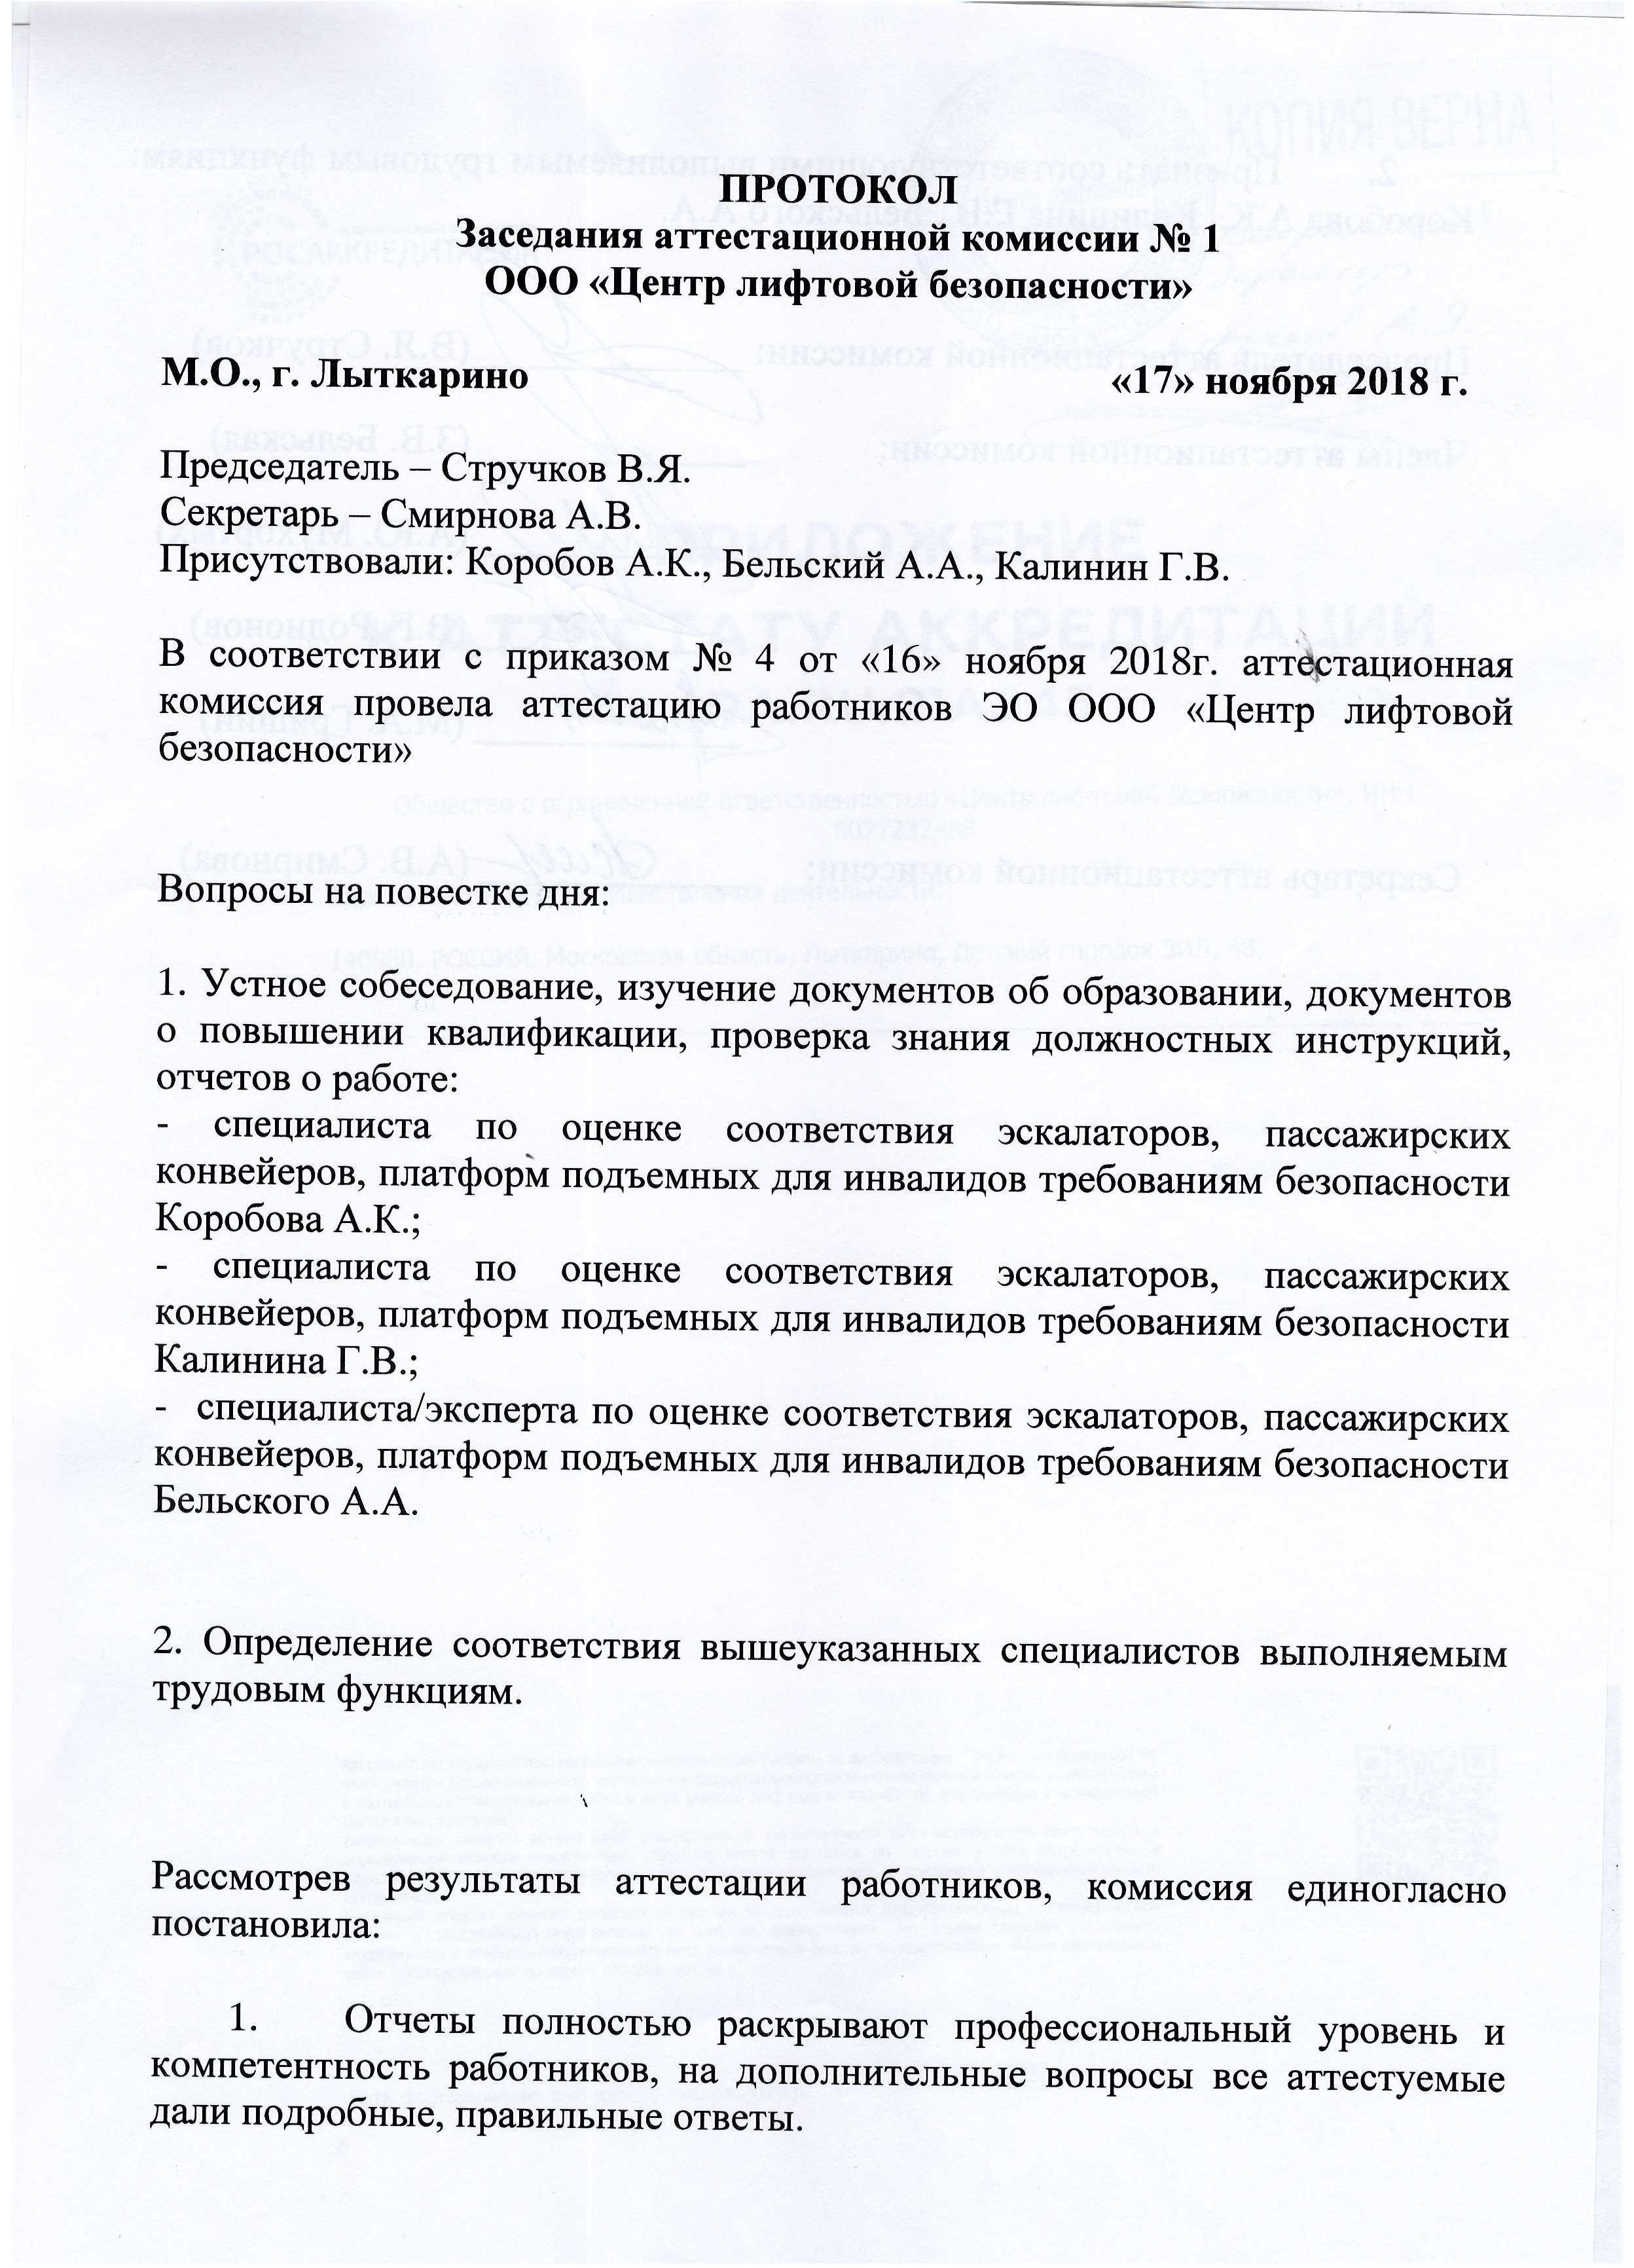 Протокол аттестационной комиссии (стр.1)